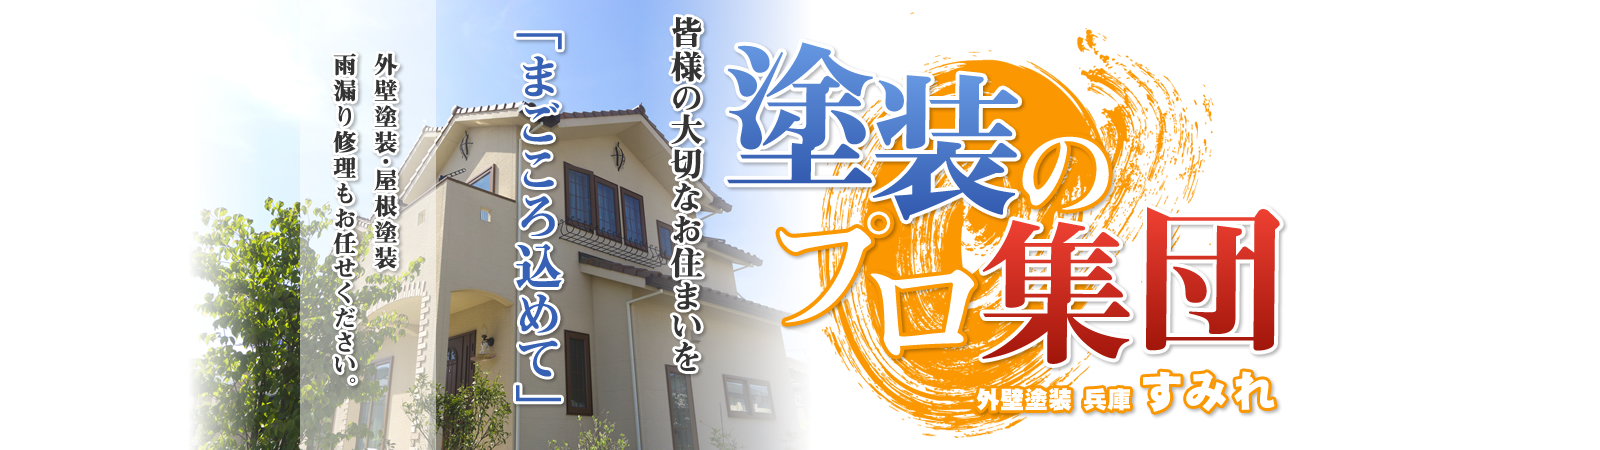 塗装のプロ集団外壁塗装兵庫「すみれ」